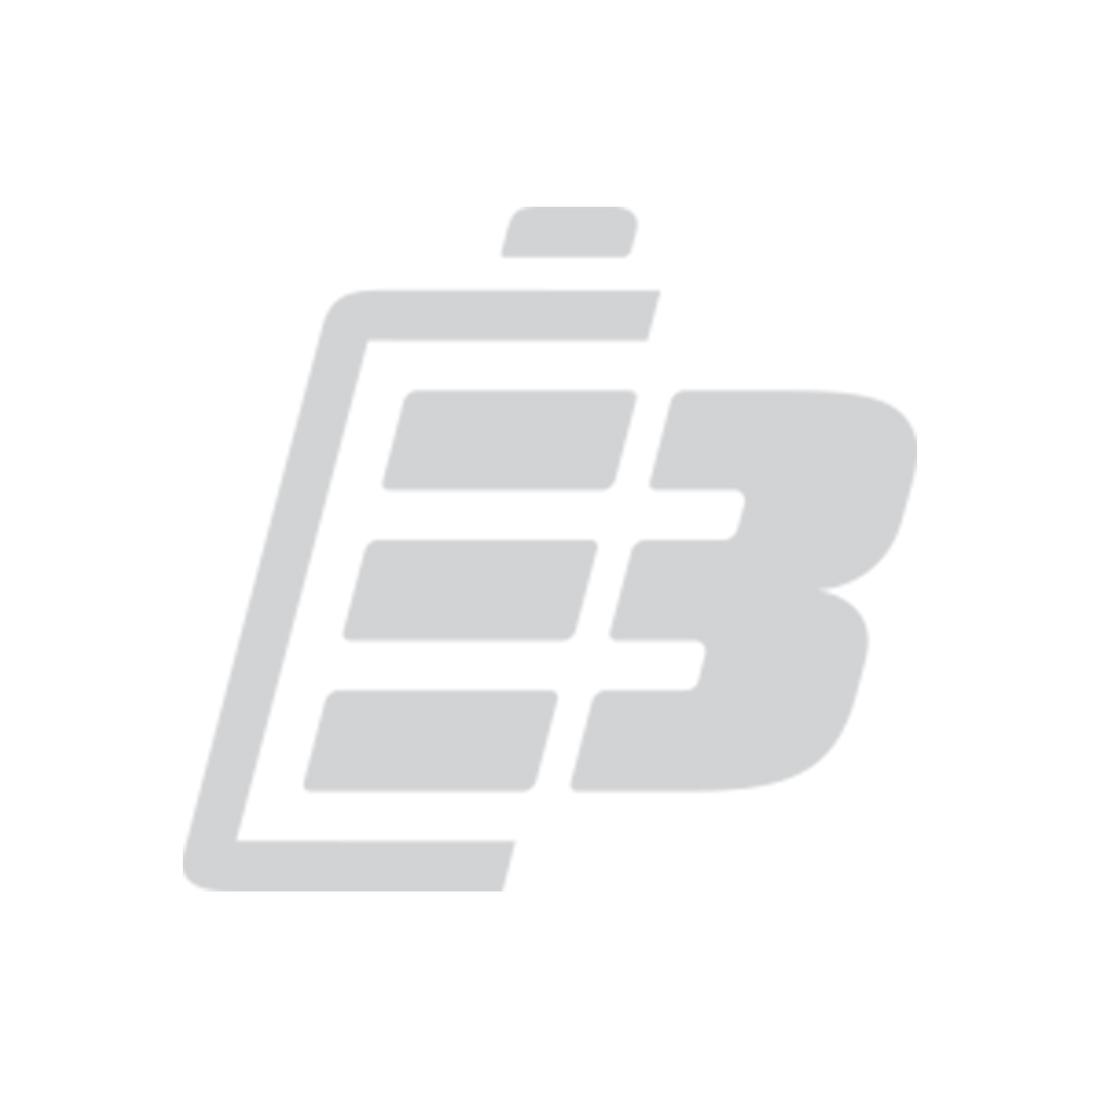 Μπαταρία smartphone Toshiba Portege G810_1